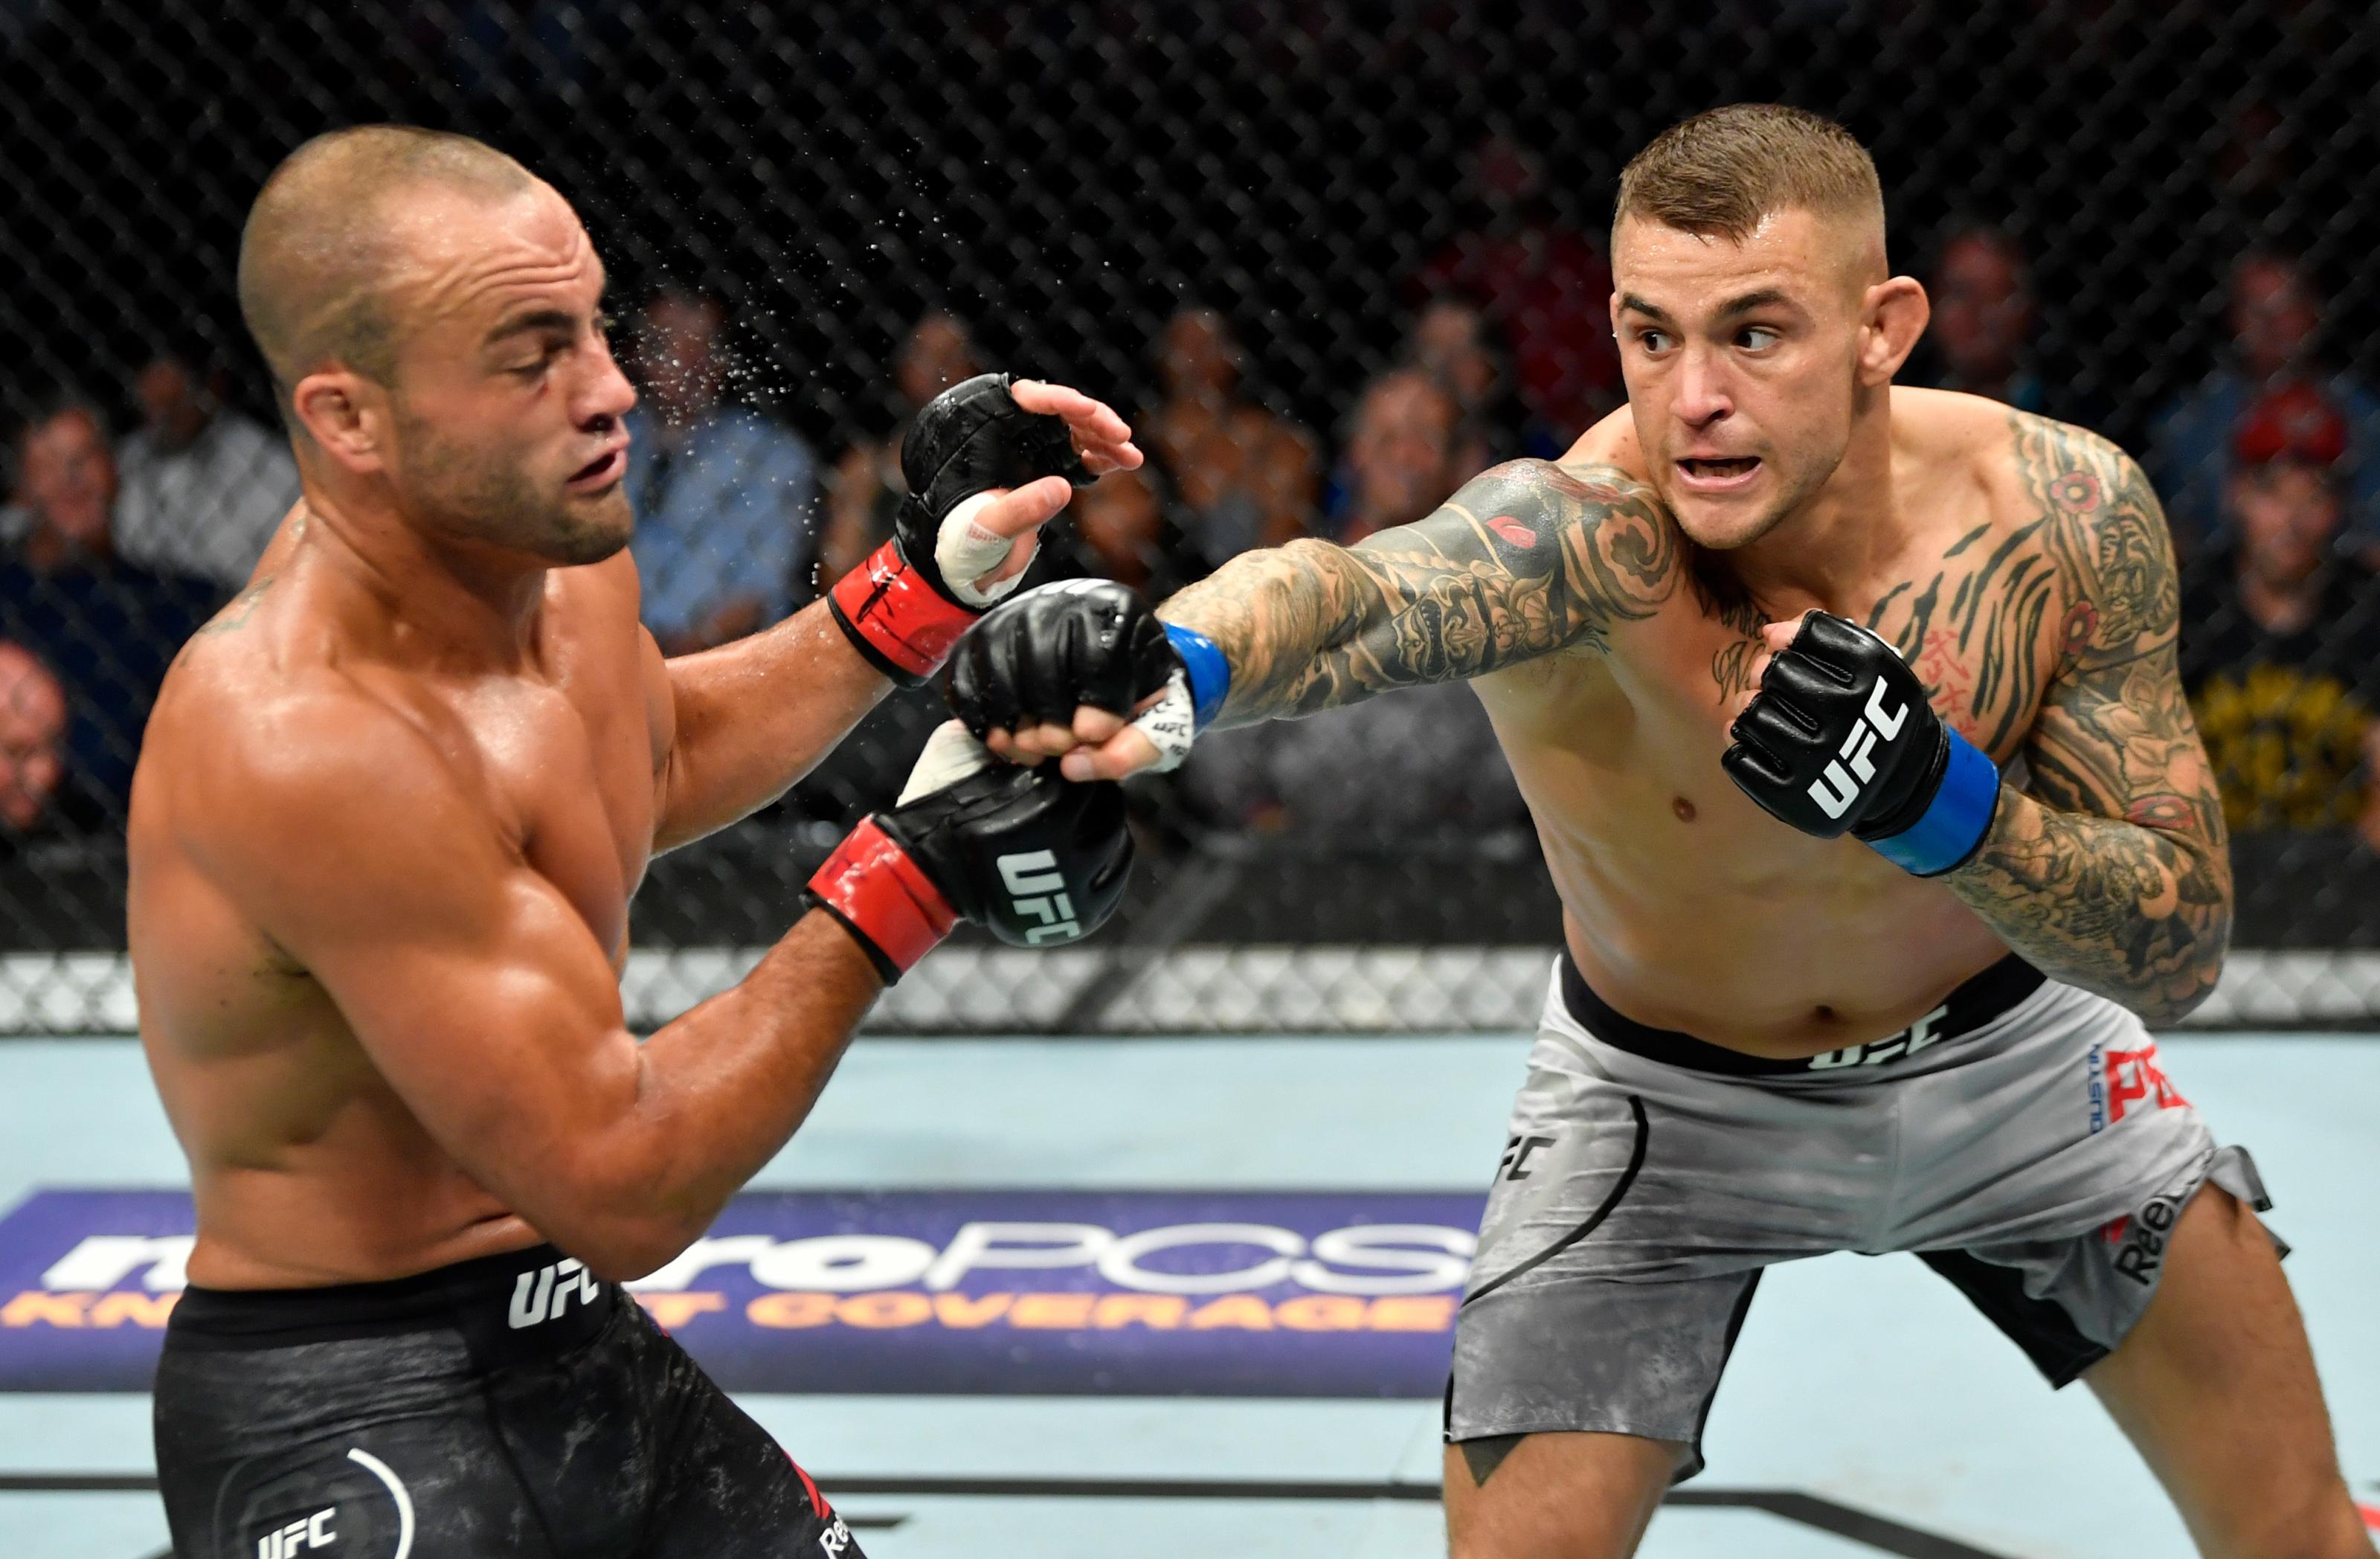 UFC on FOX 30: Dustin Poirier finishes Eddie Alvarez with flurry of strikes